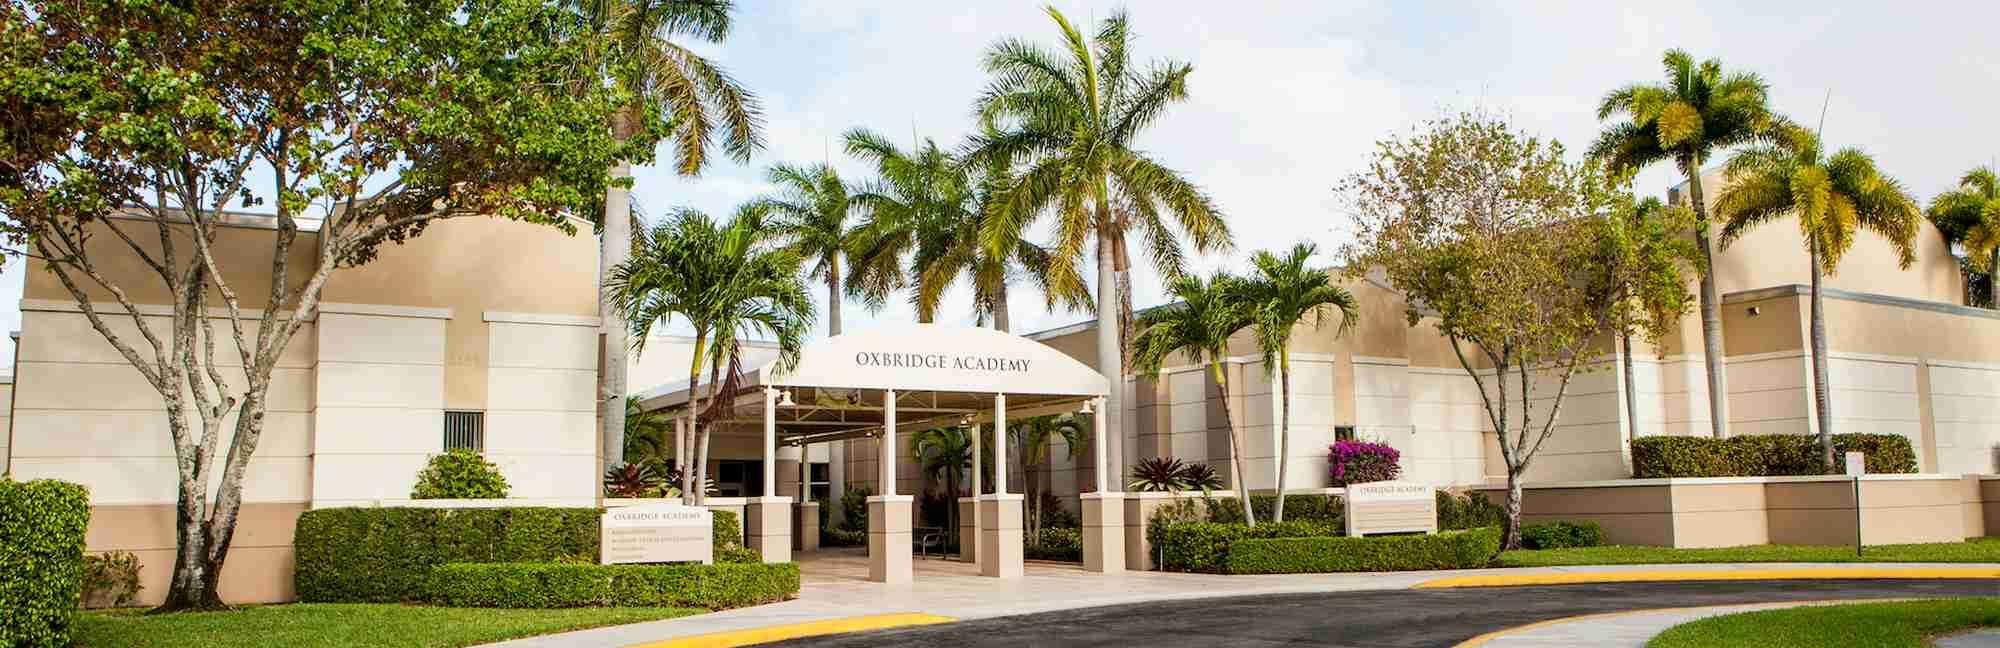 Oxbridge Academy in , FL - Niche